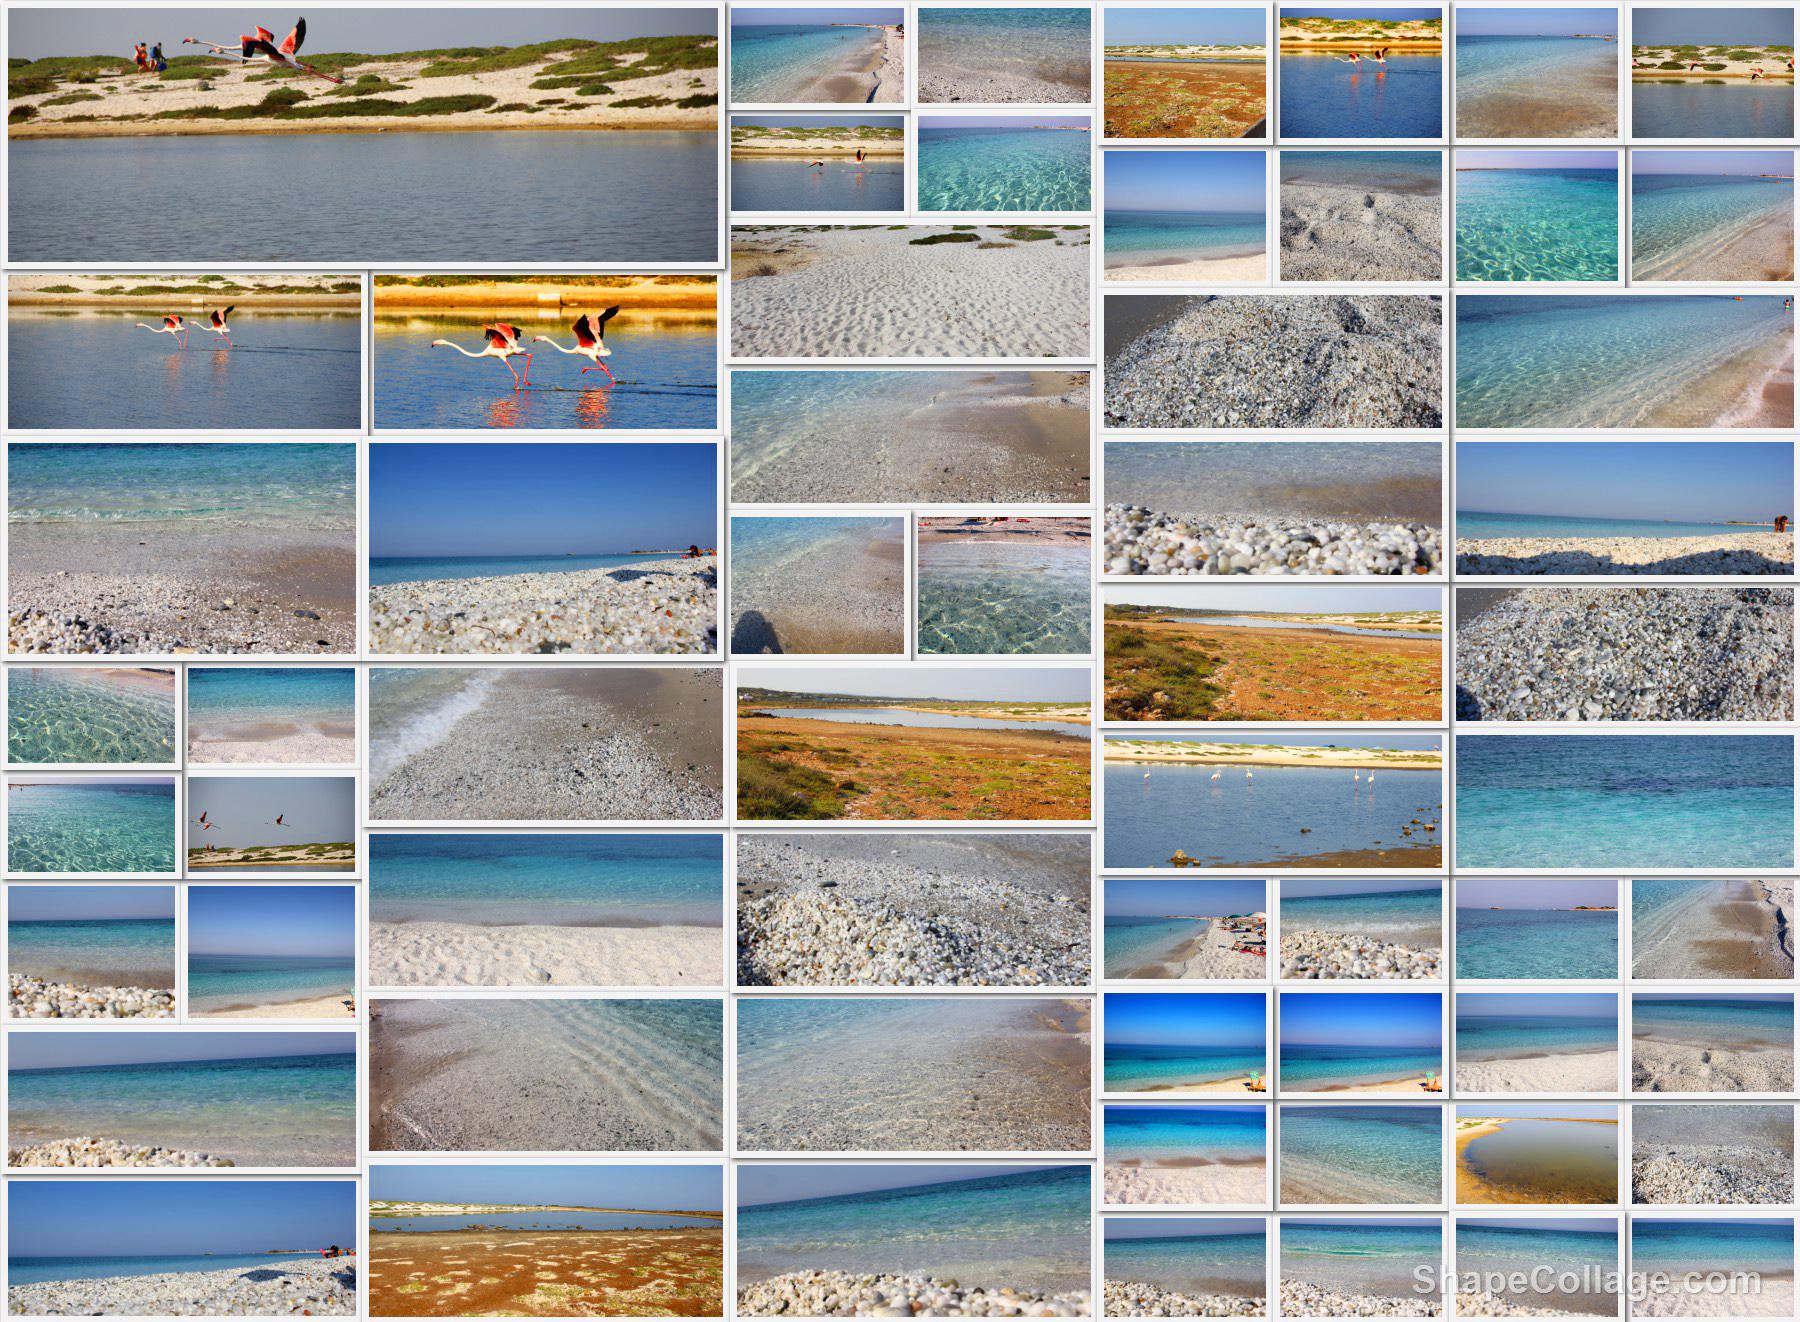 composizione foto spiaggia mari ermi cabras